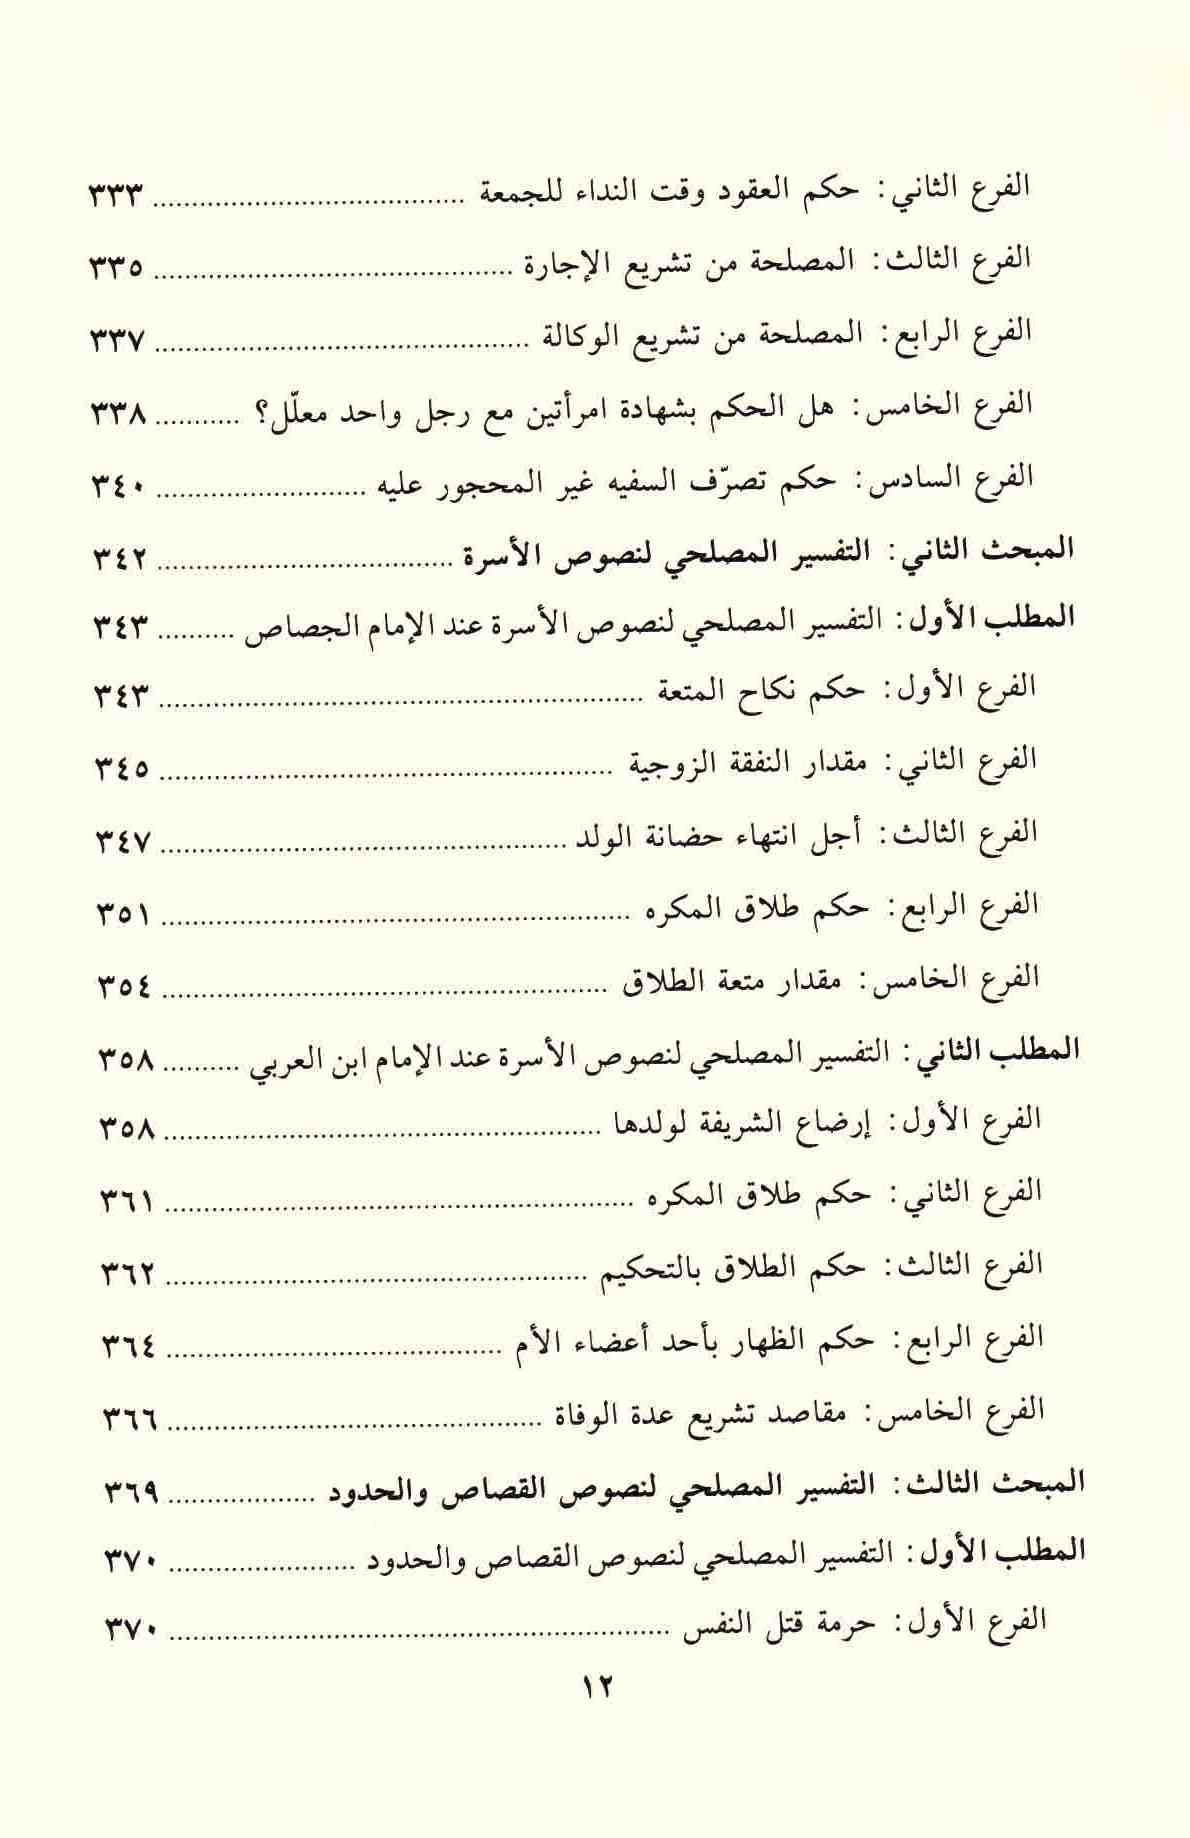 ص12محتويات كتاب التفسير المصلحي